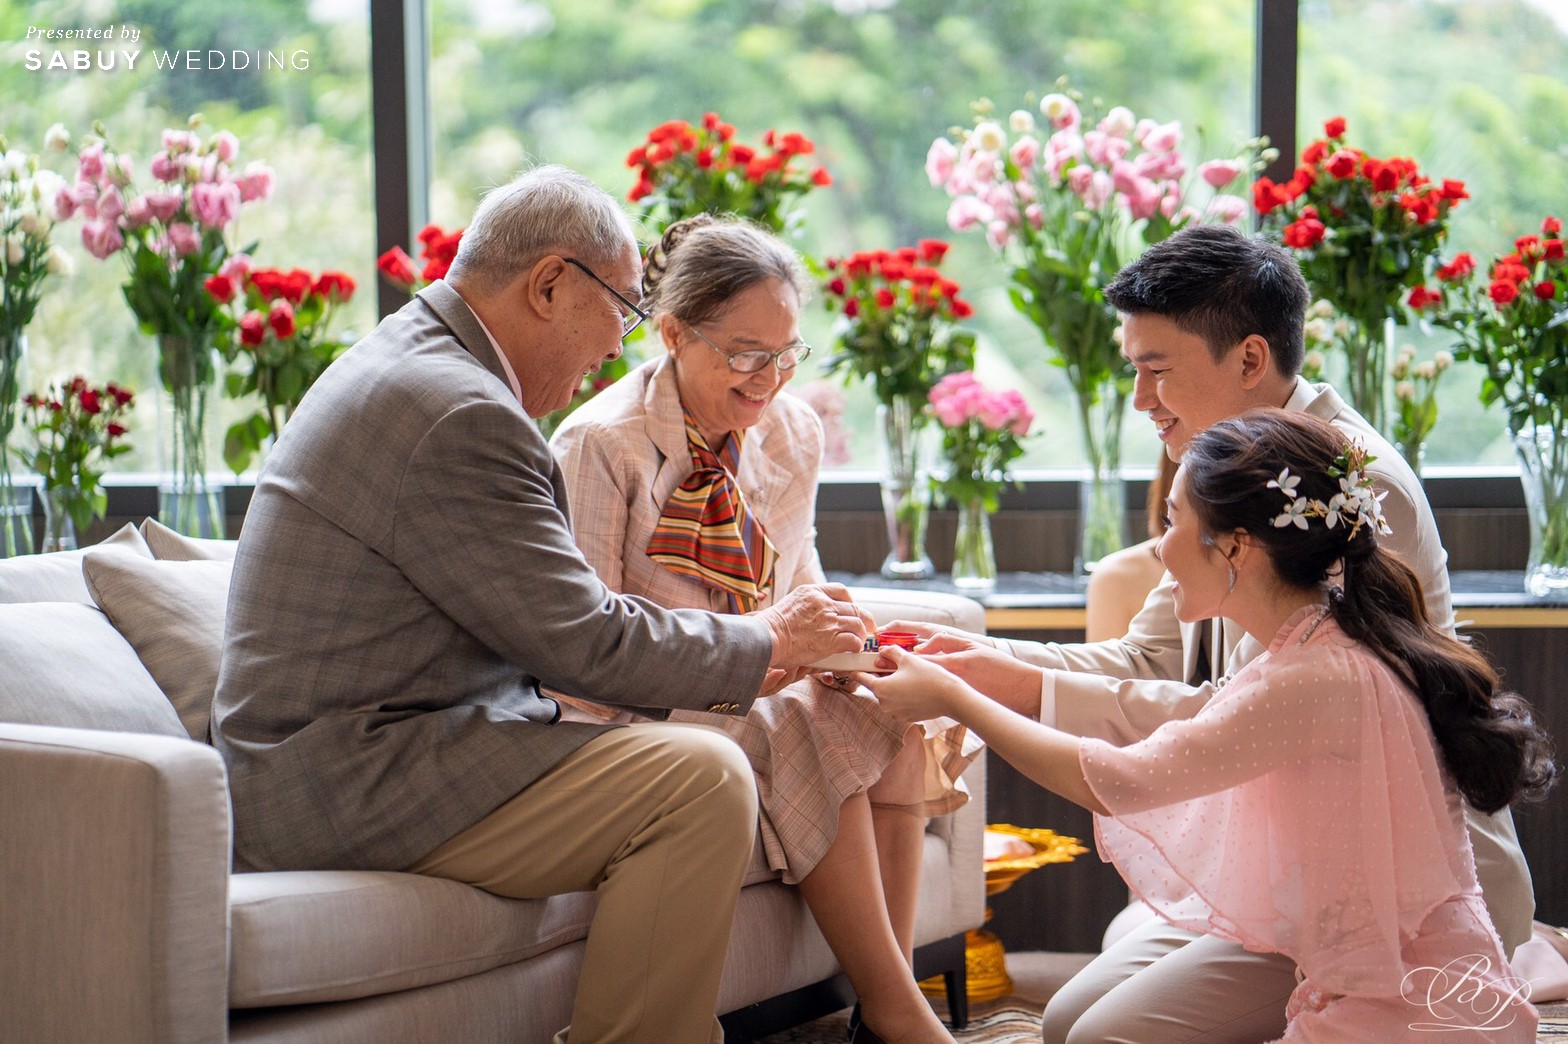 งานแต่งงาน,พิธีจีน,ชุดแต่งงาน รีวิวงานแต่ง Backdrop สวนสวย ด้วยห้องจัดเลี้ยงแสงธรรมชาติ @ Bliston Suwan Park View Hotel